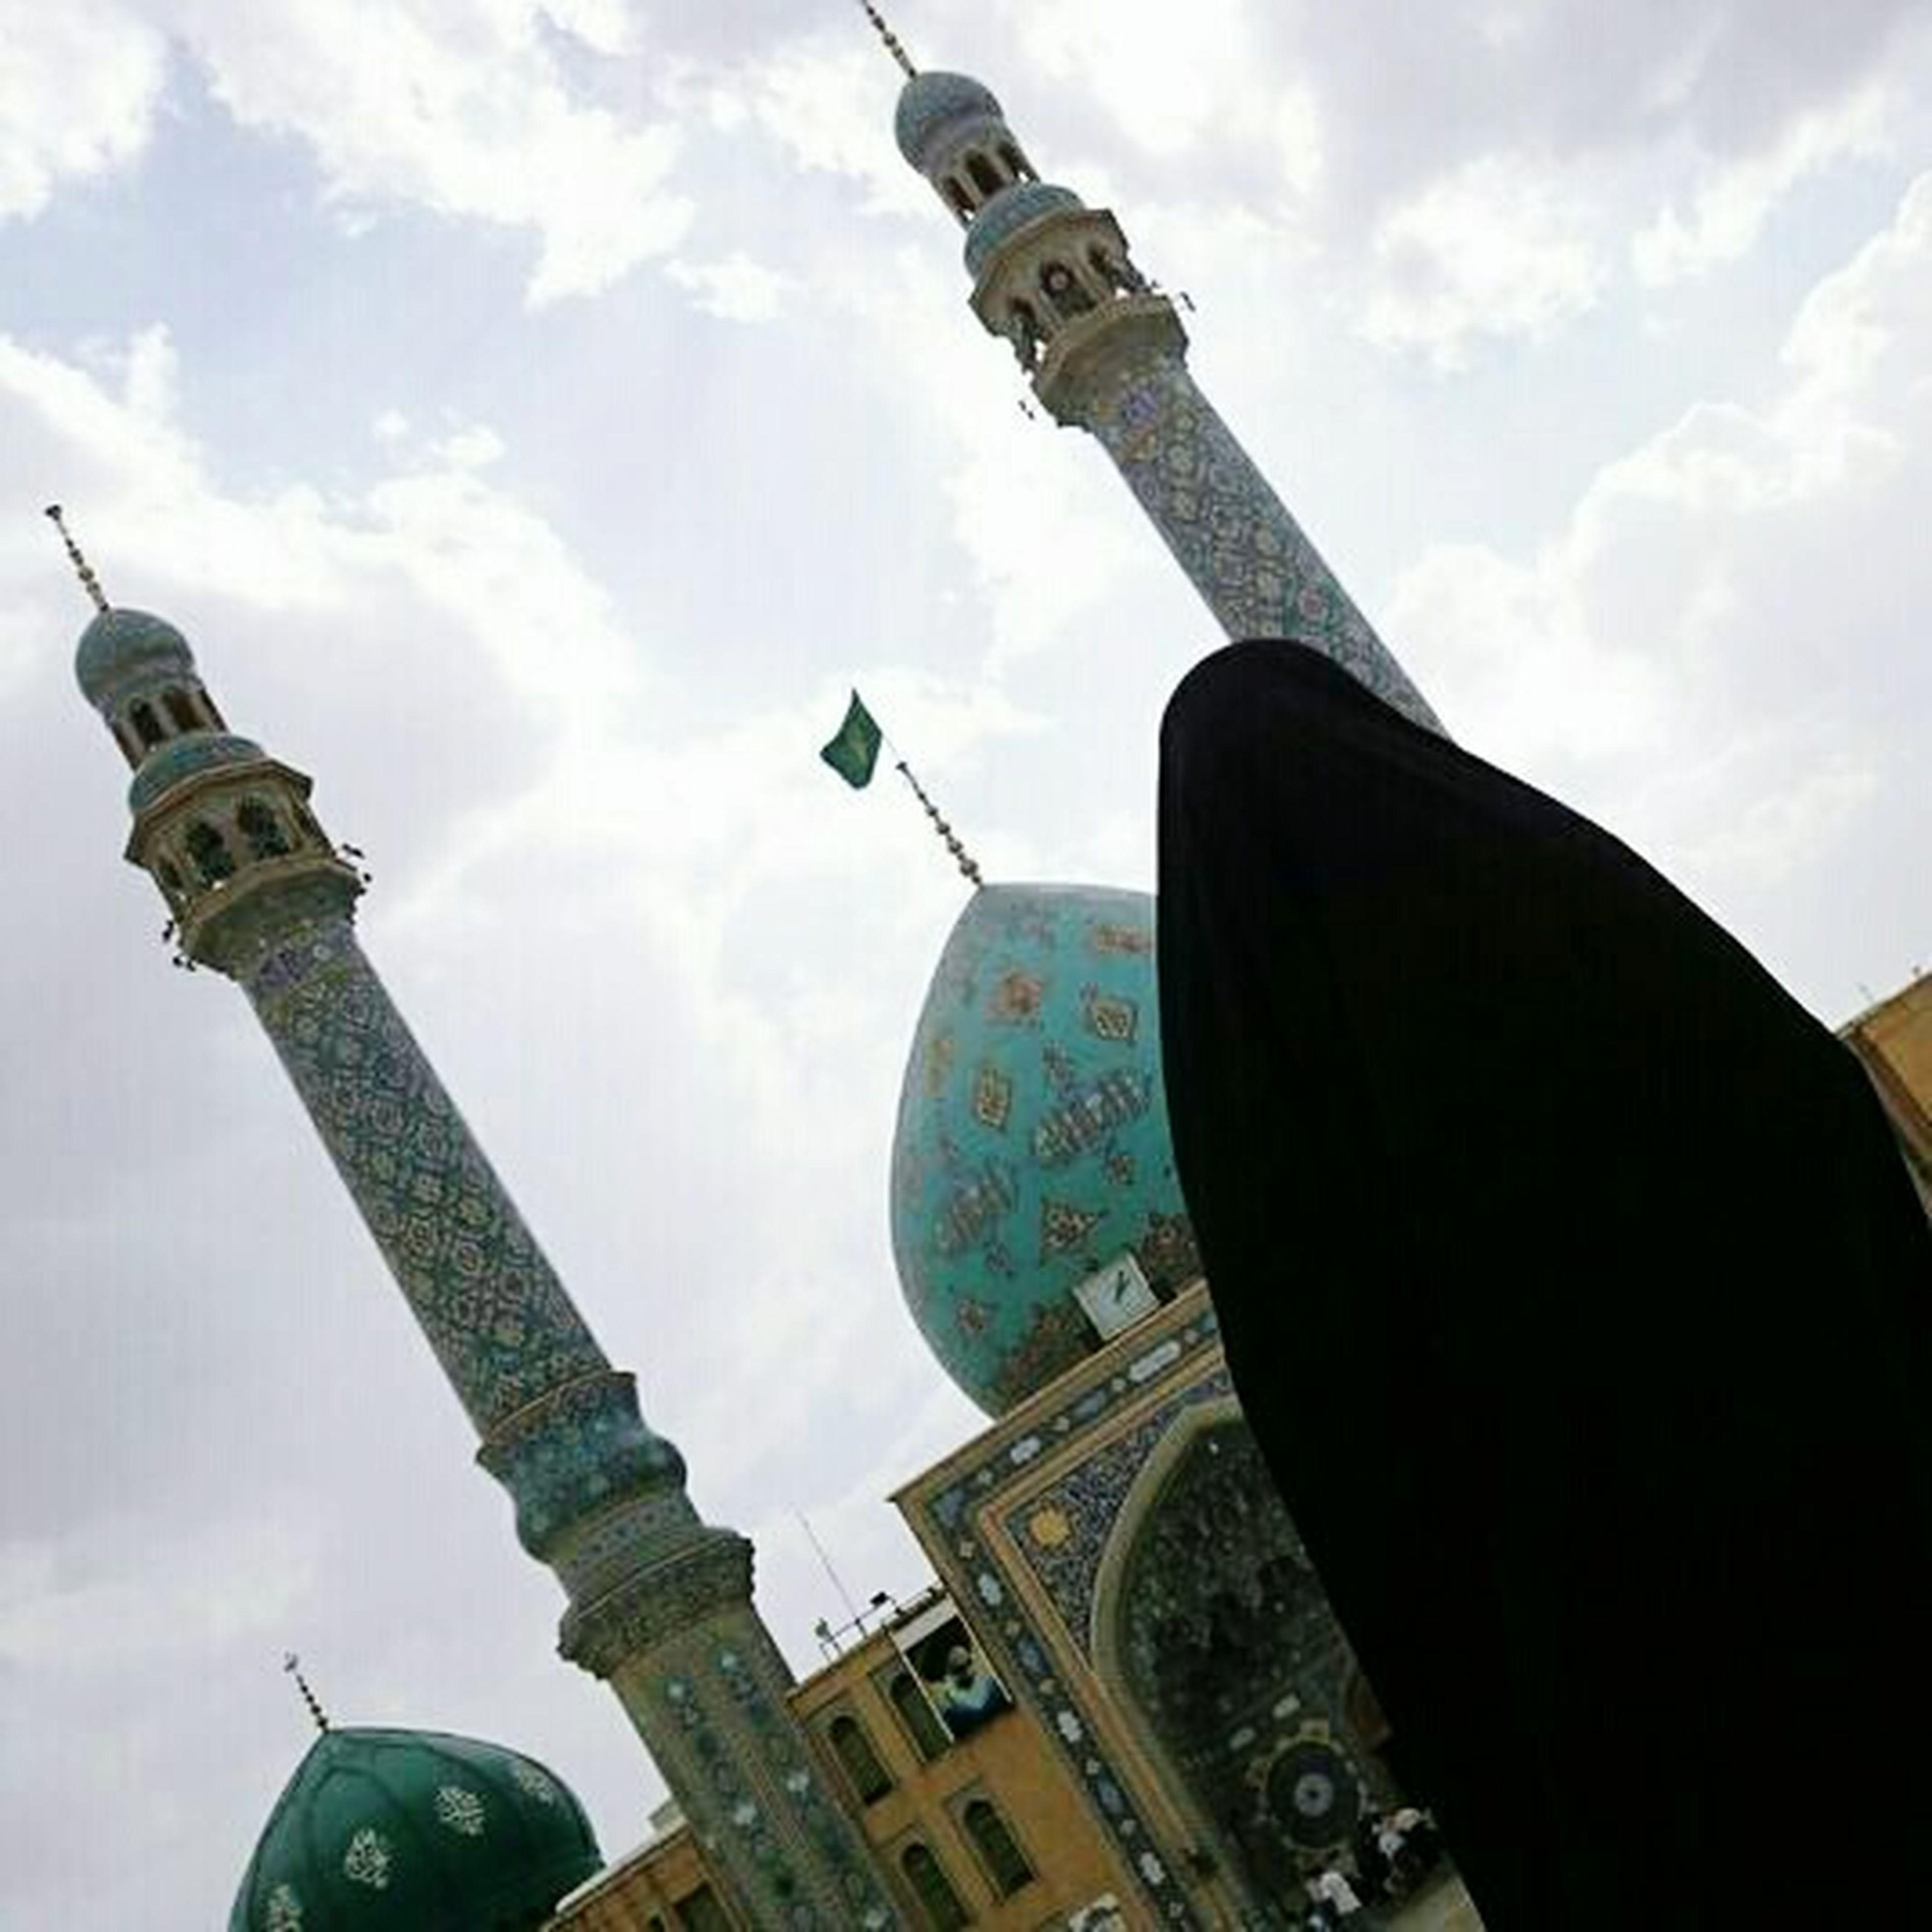 Ya Mahdi ,Saheb al zaman ,labayk ya Mahdi,chador, hijab Young Women Only Women Alone ,beautiful Gorgeous Eye Shoot Images People Mahdi,Imam